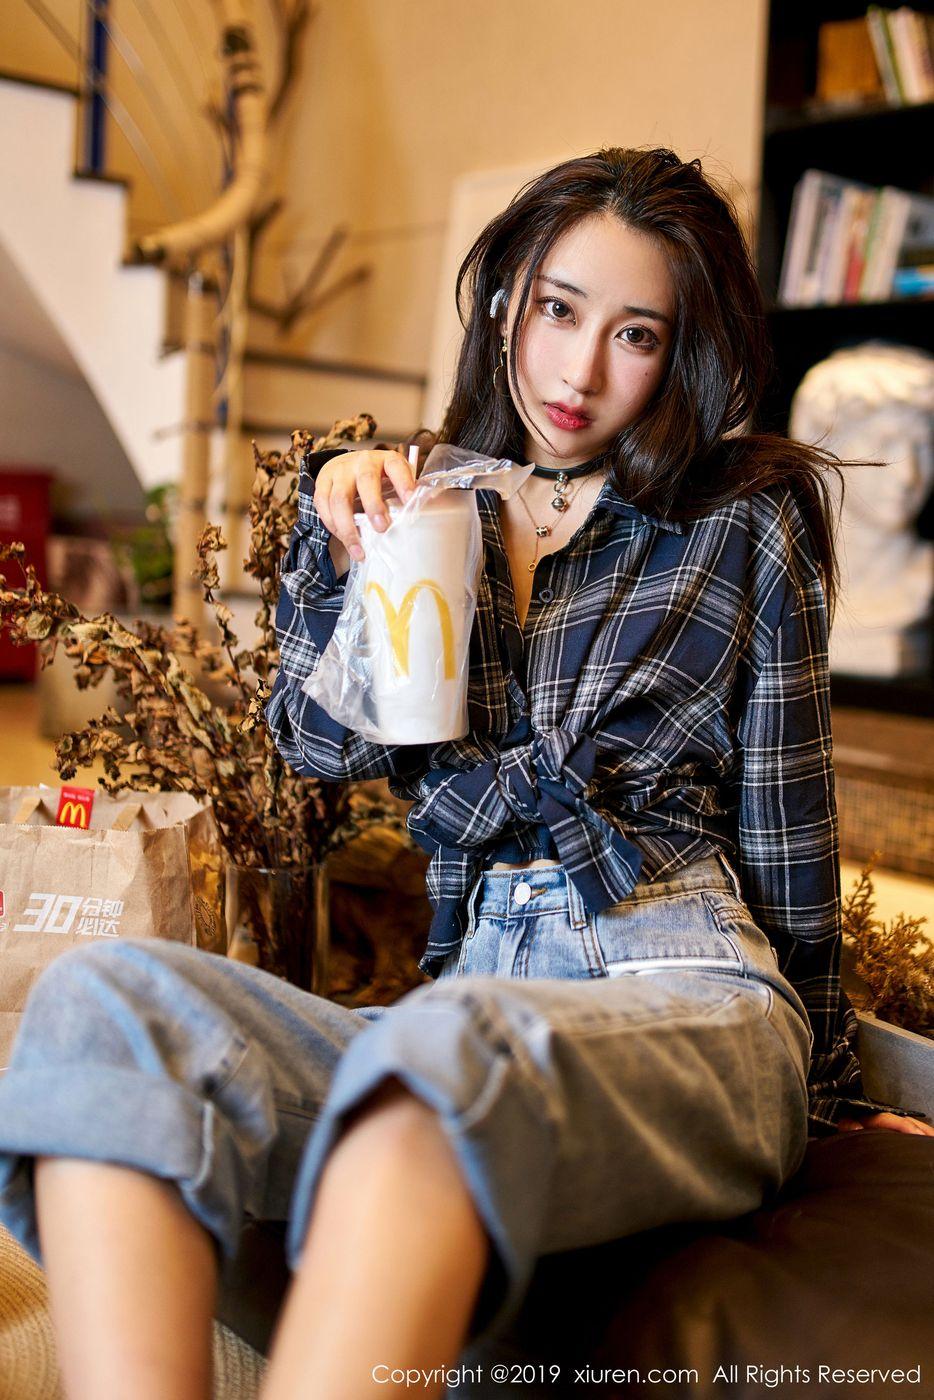 牛仔裤内衣诱惑美胸三点式丁字裤美女模特秀人网-[林子欣]超高清写真图片|1620391063更新